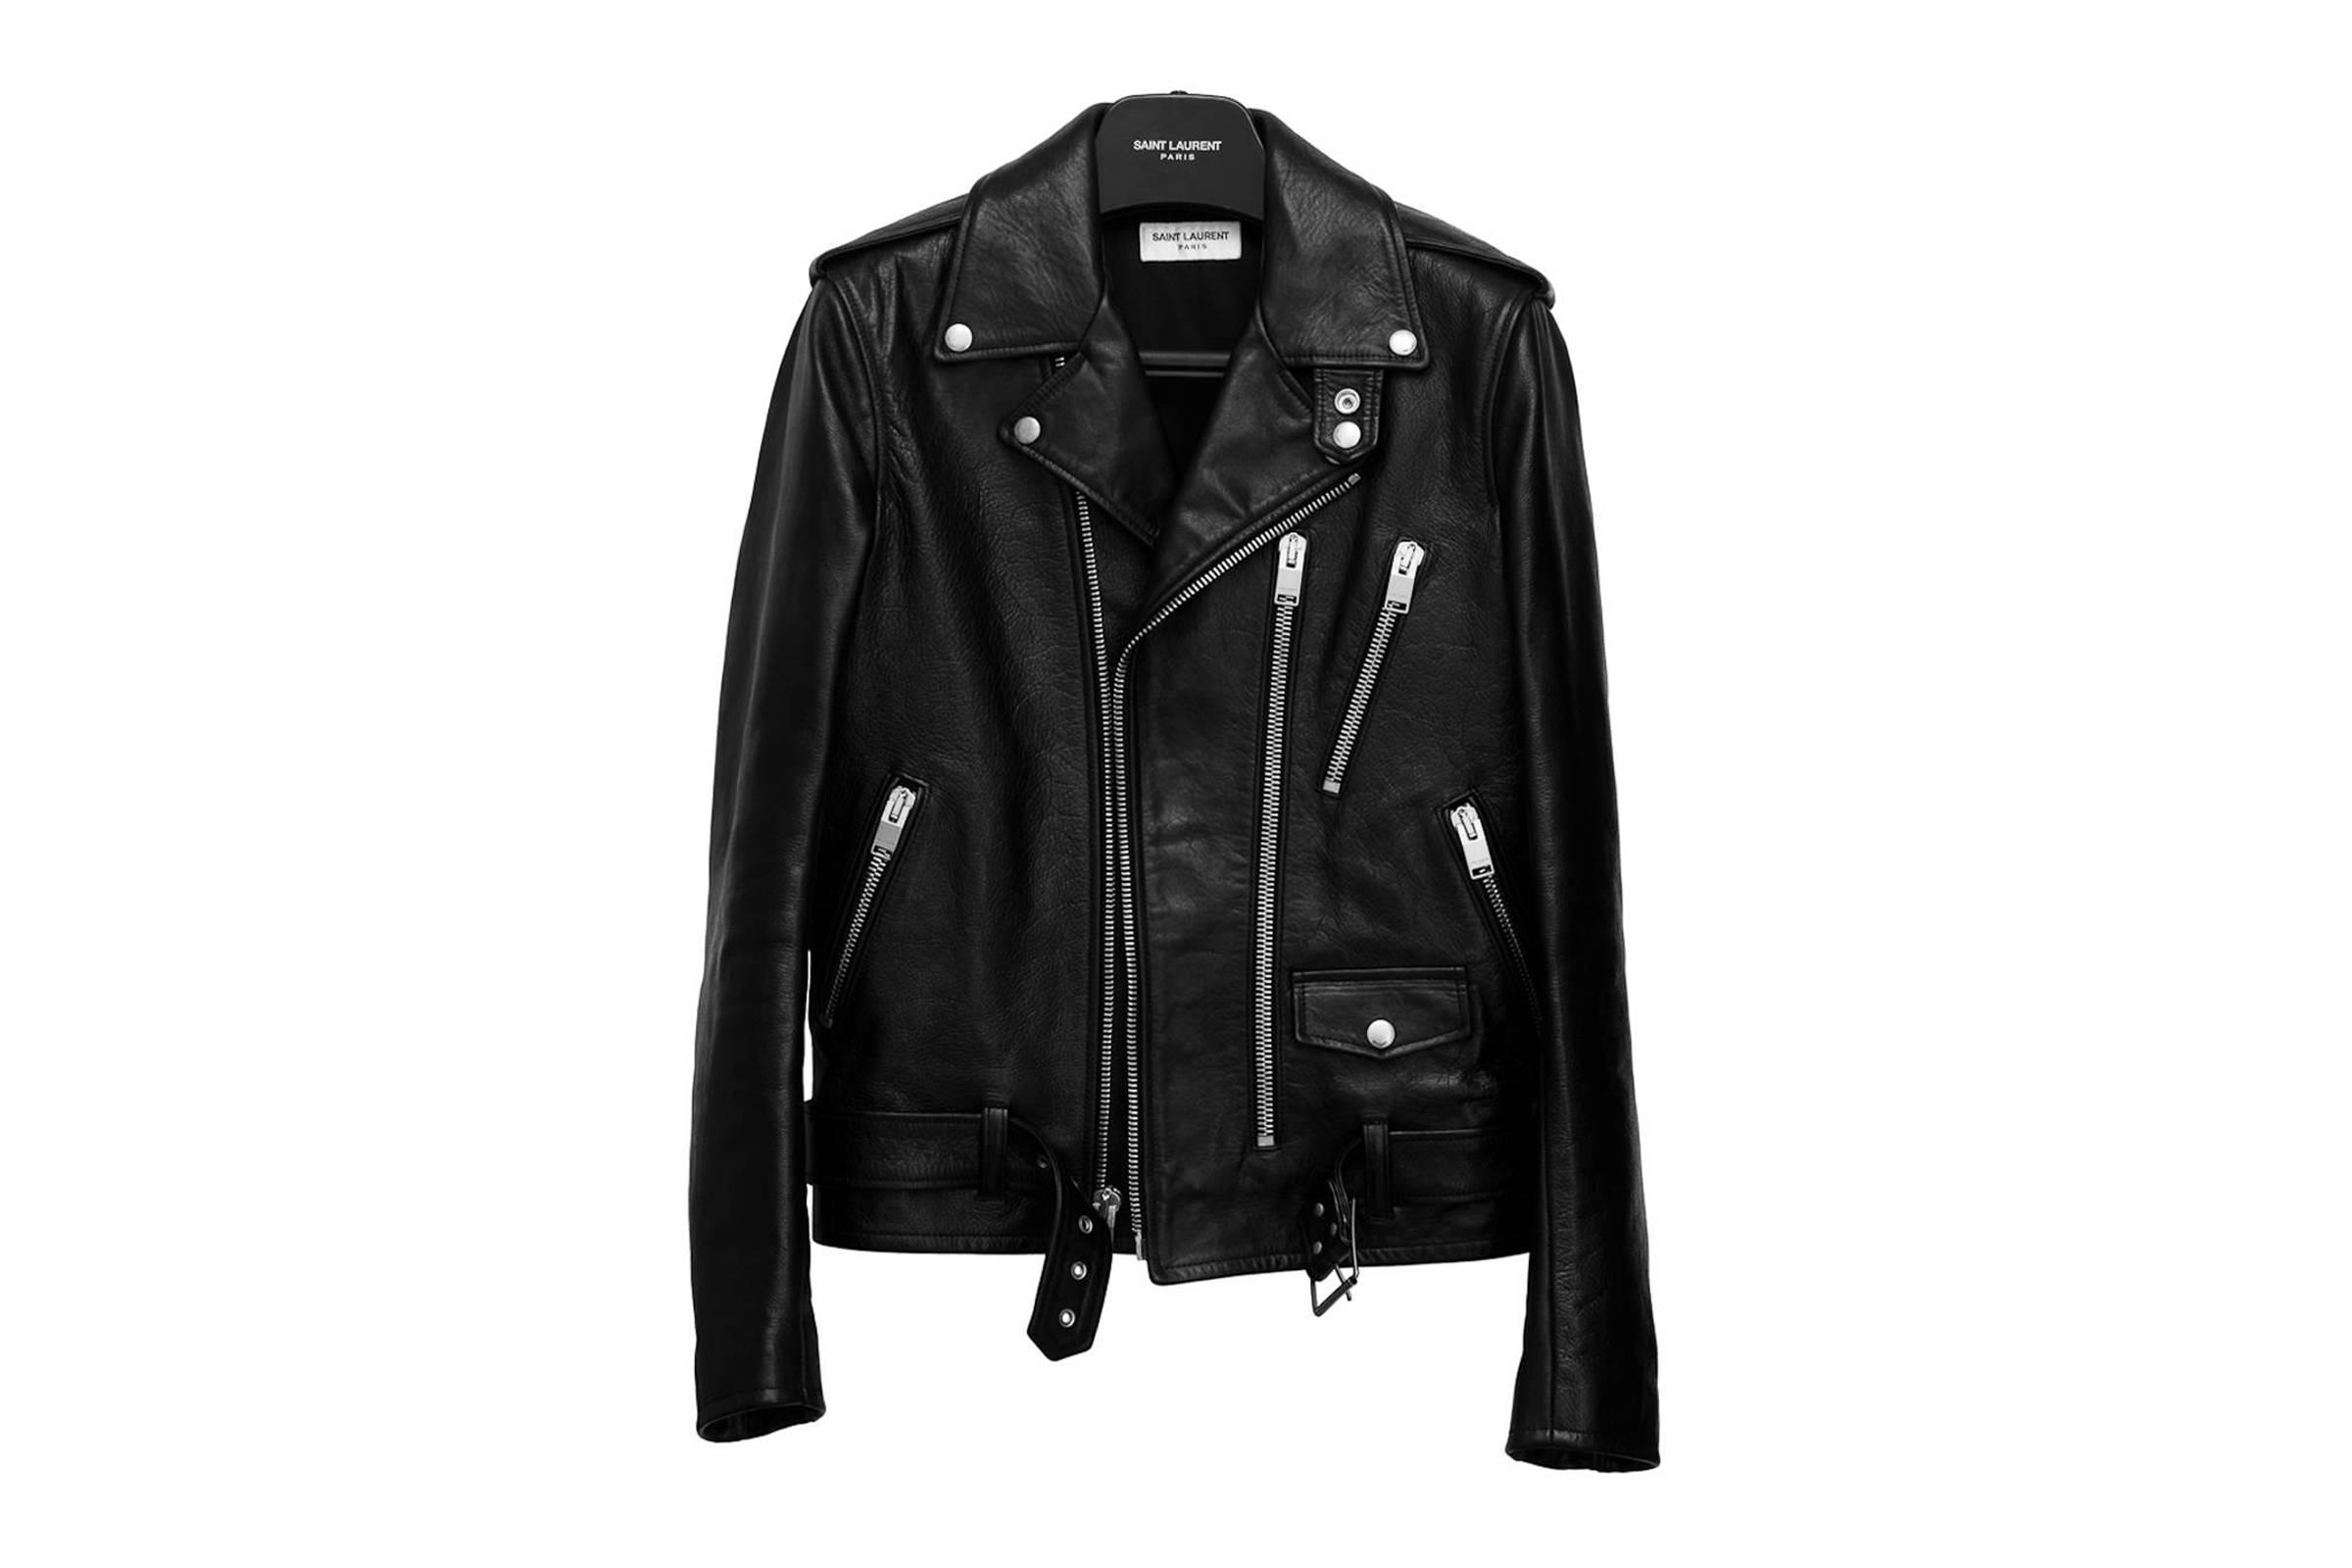 Saint Laurent Paris Fall/Winter 2013 L17 Leather Jacket